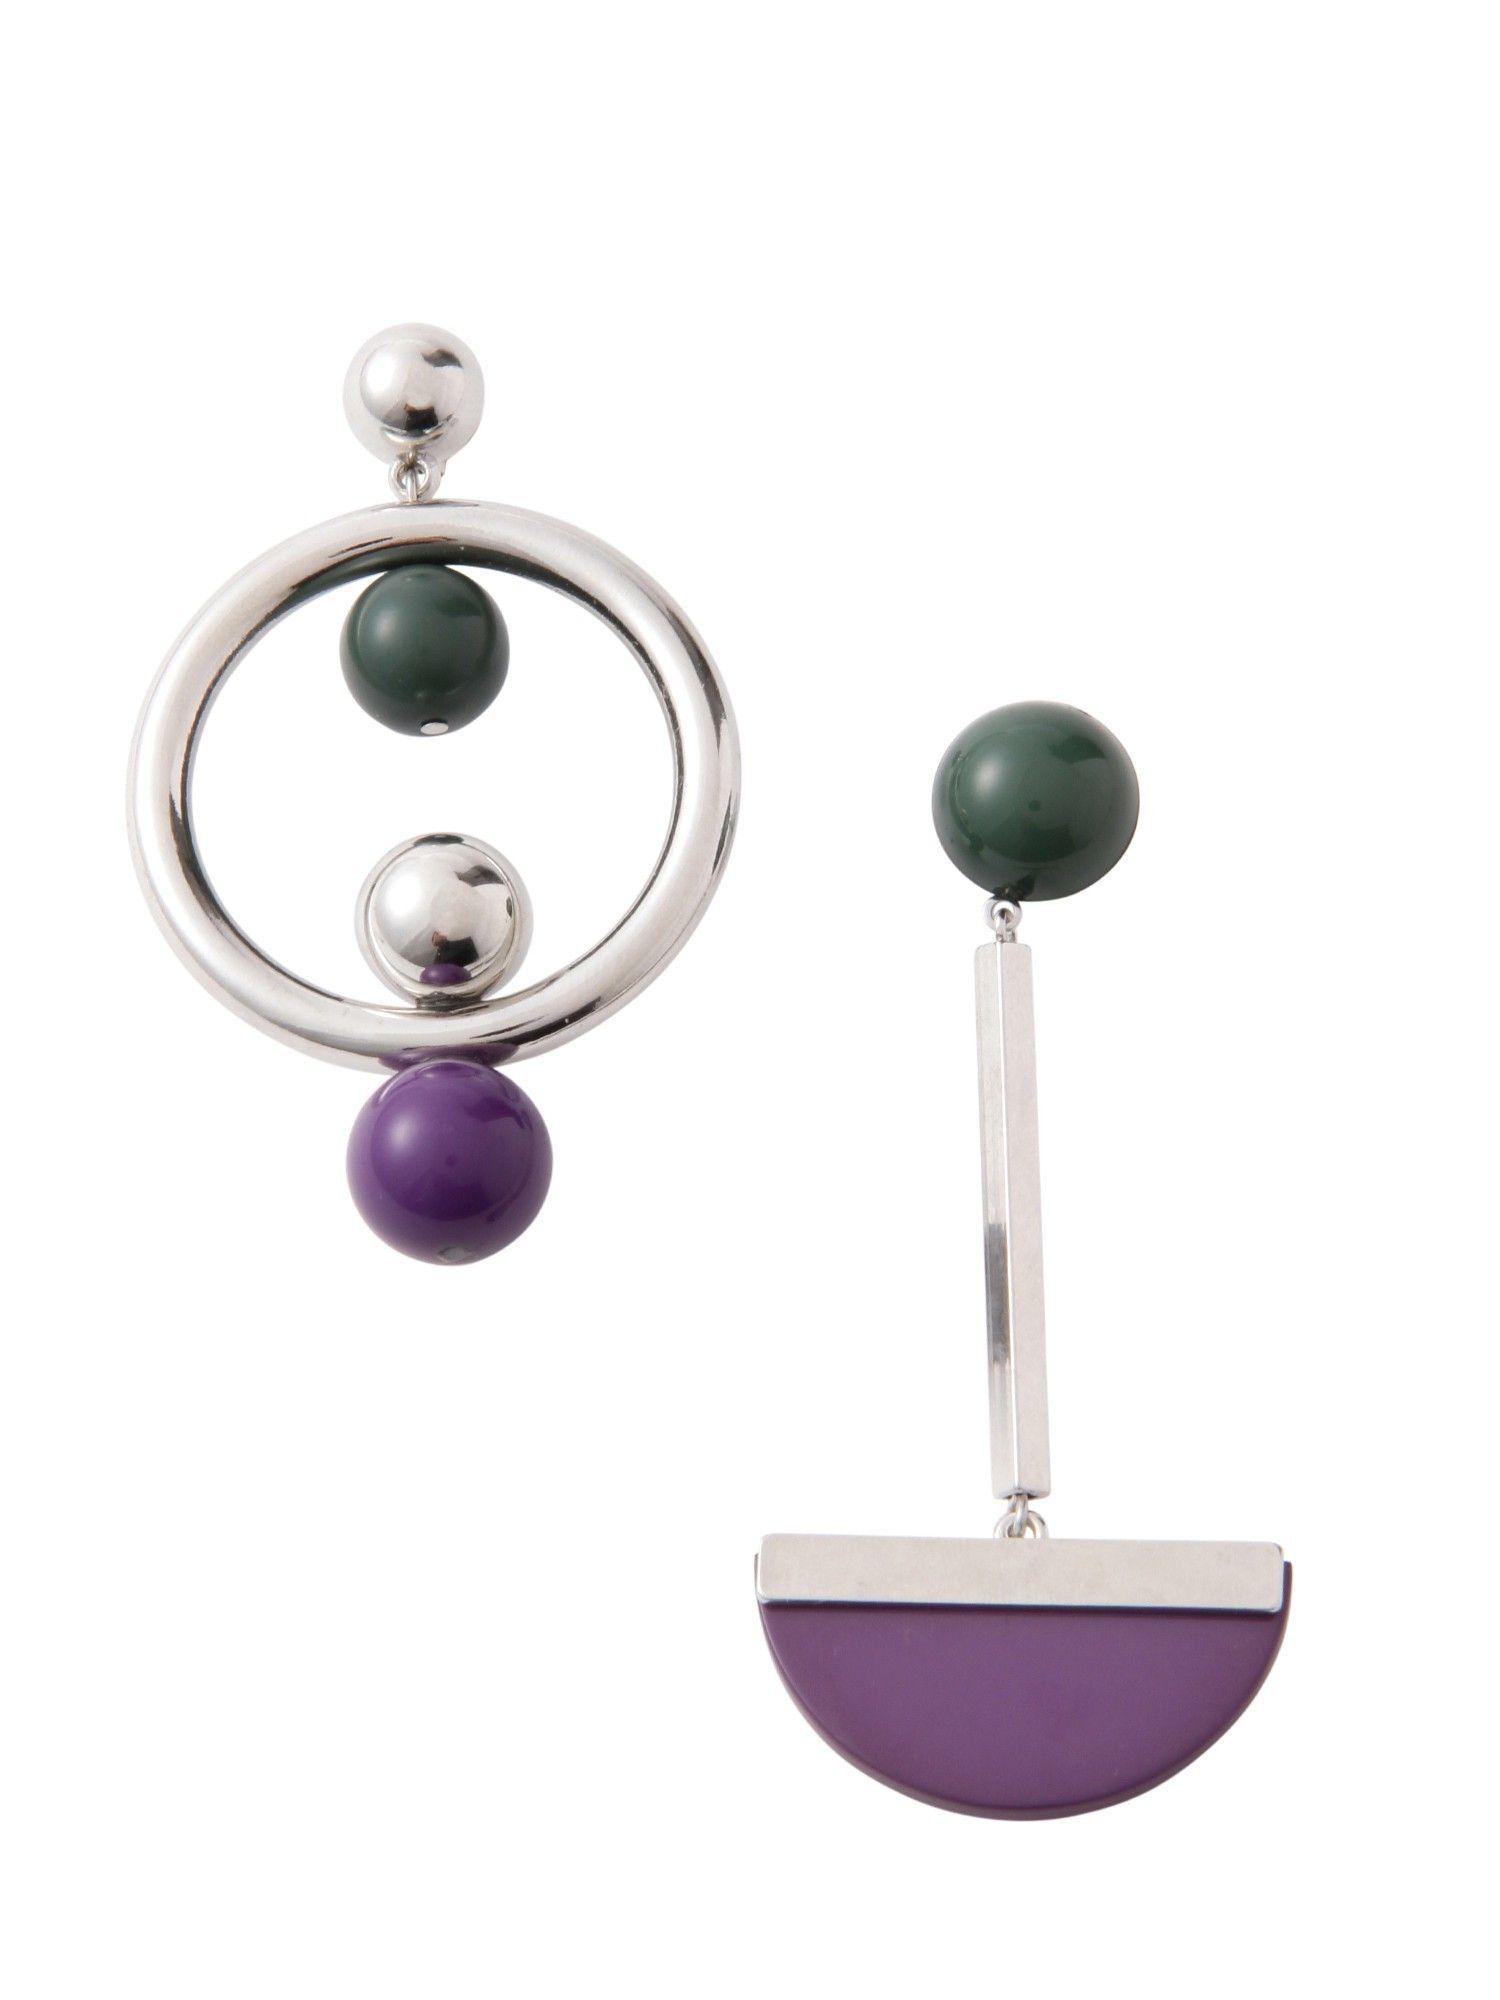 康貝圈耳環不對稱